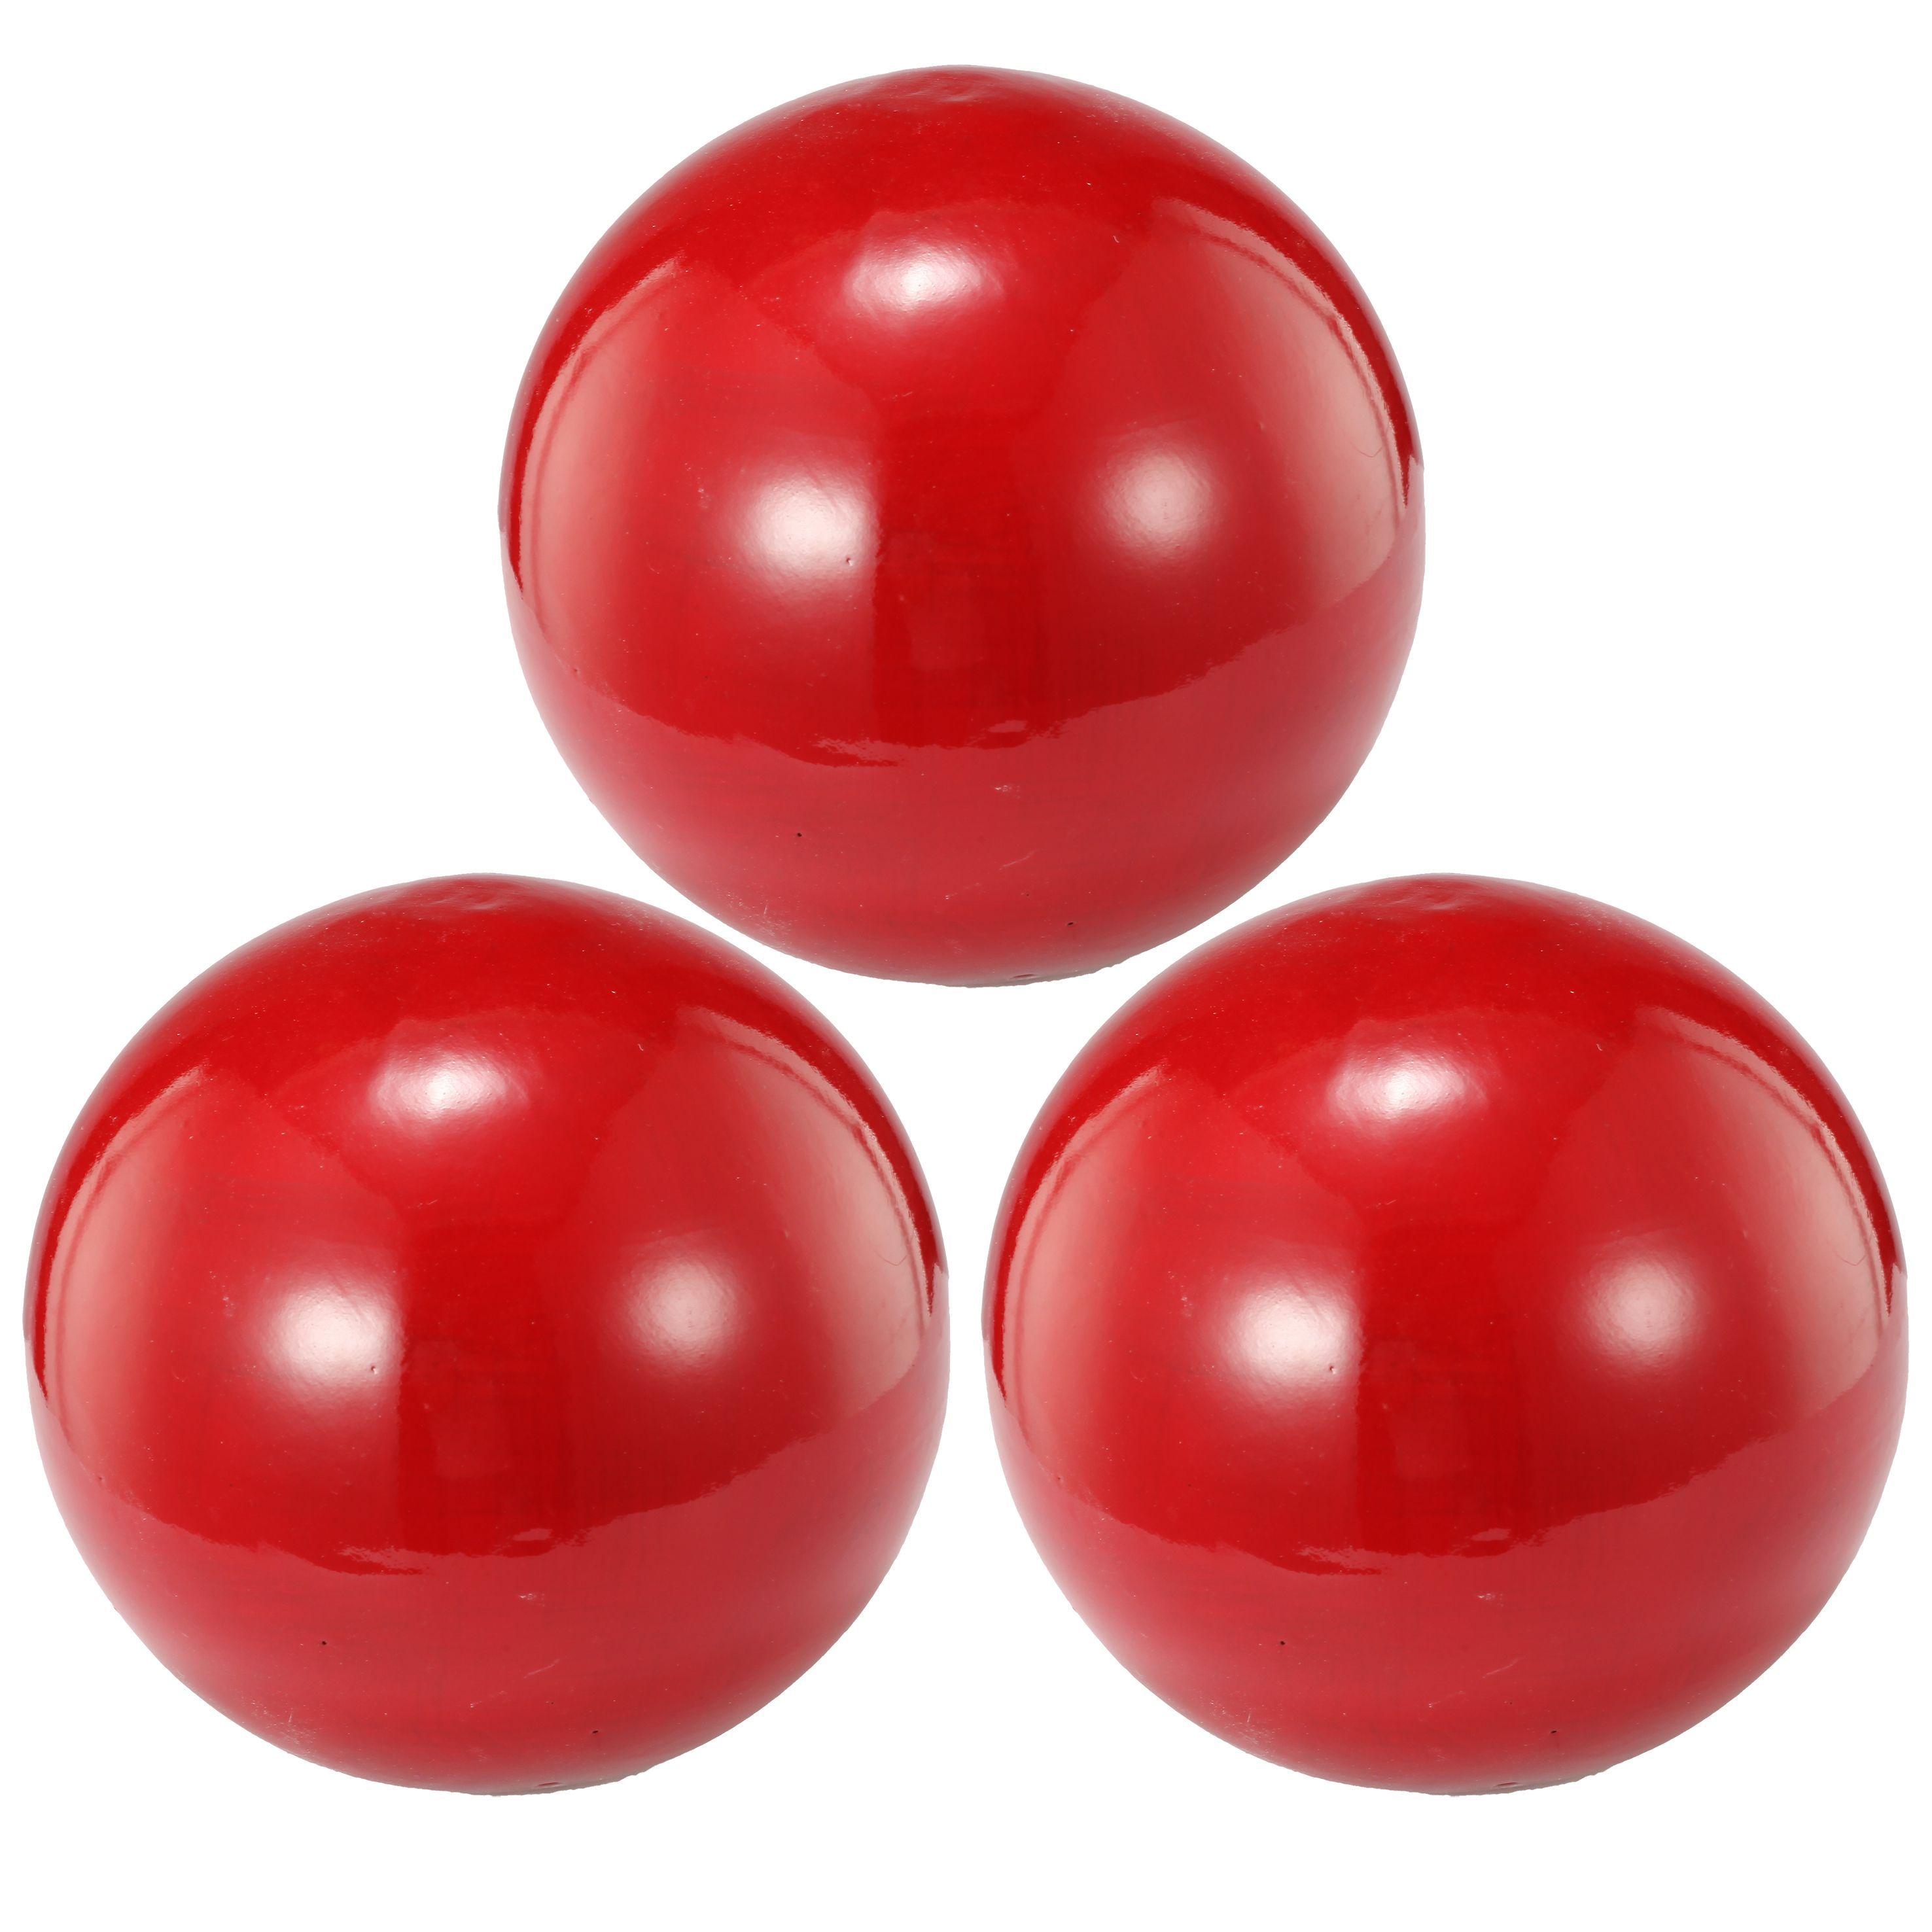 Red Decorative Balls Red 4Inch Decorative Balls Set Of 3 Decorative Ballscrimson